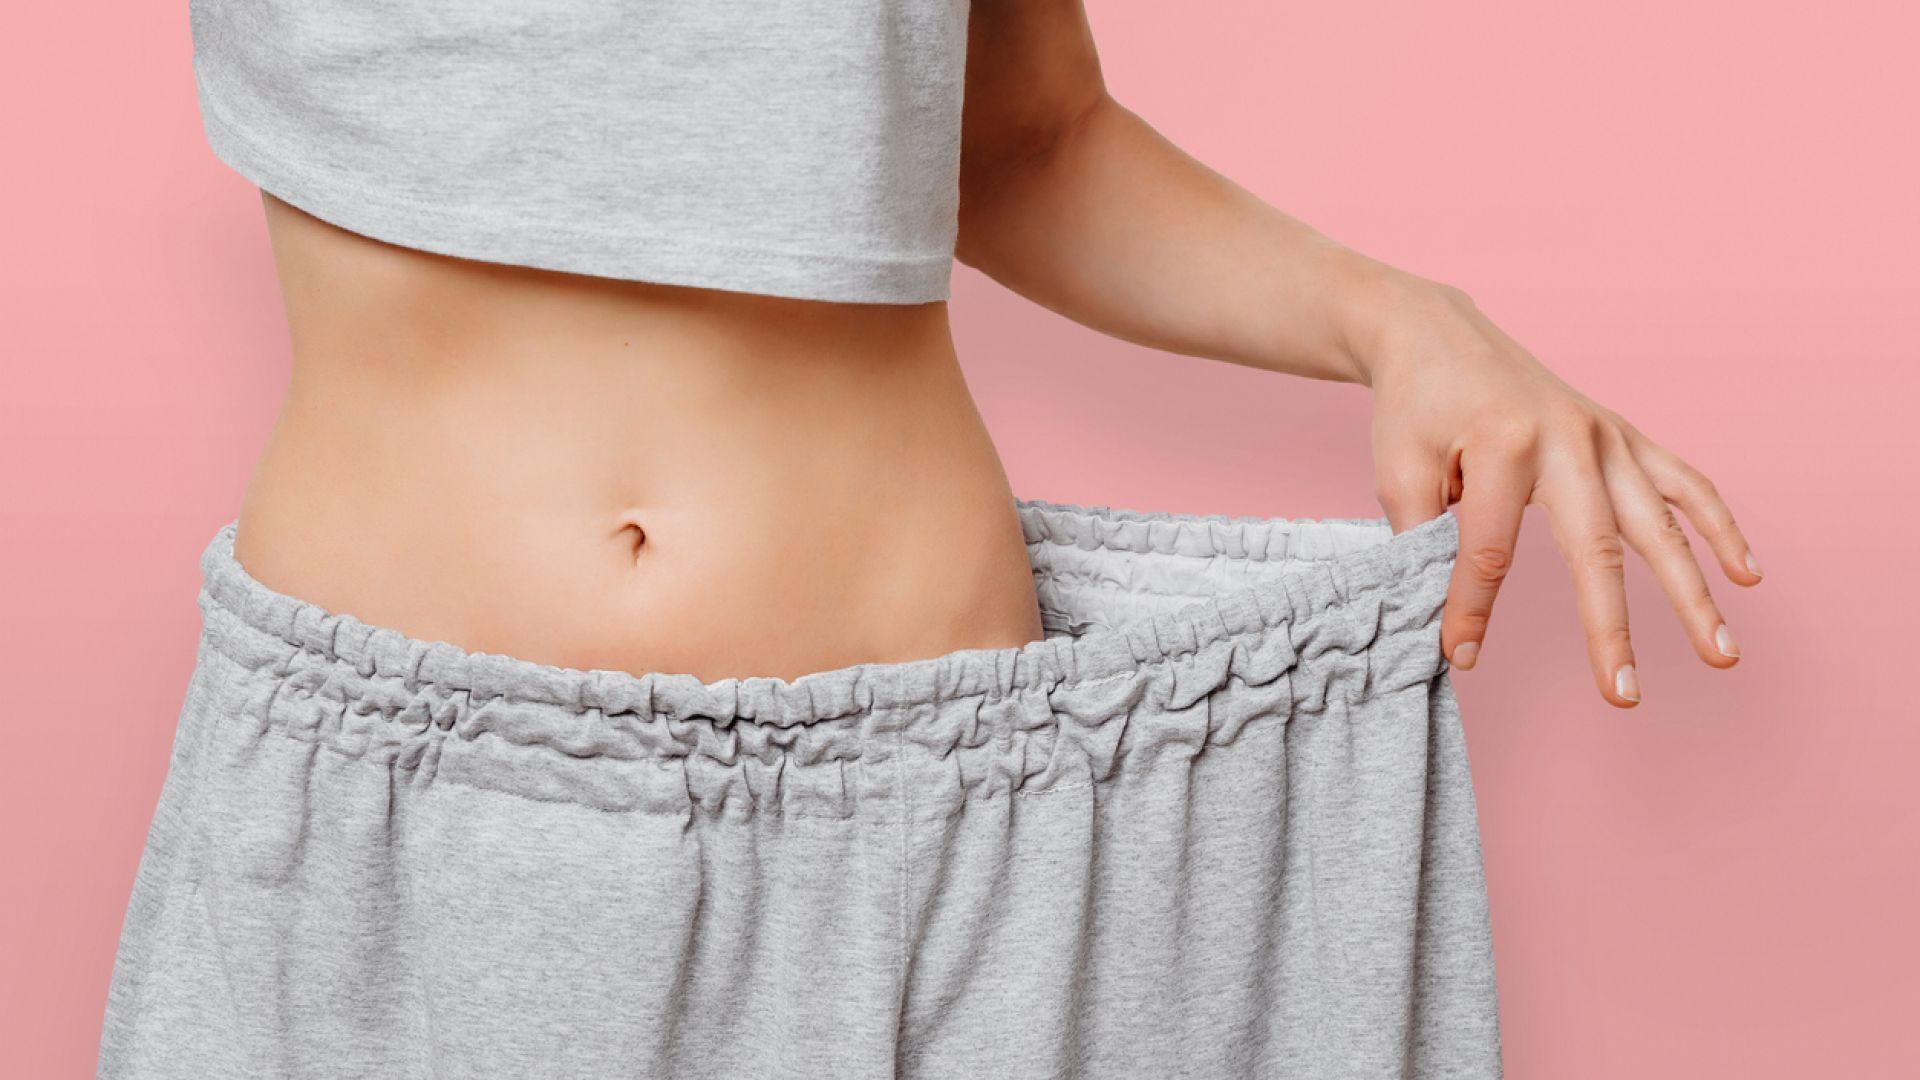 Кои са причините за затлъстяването и как успешно да се преборим с него?